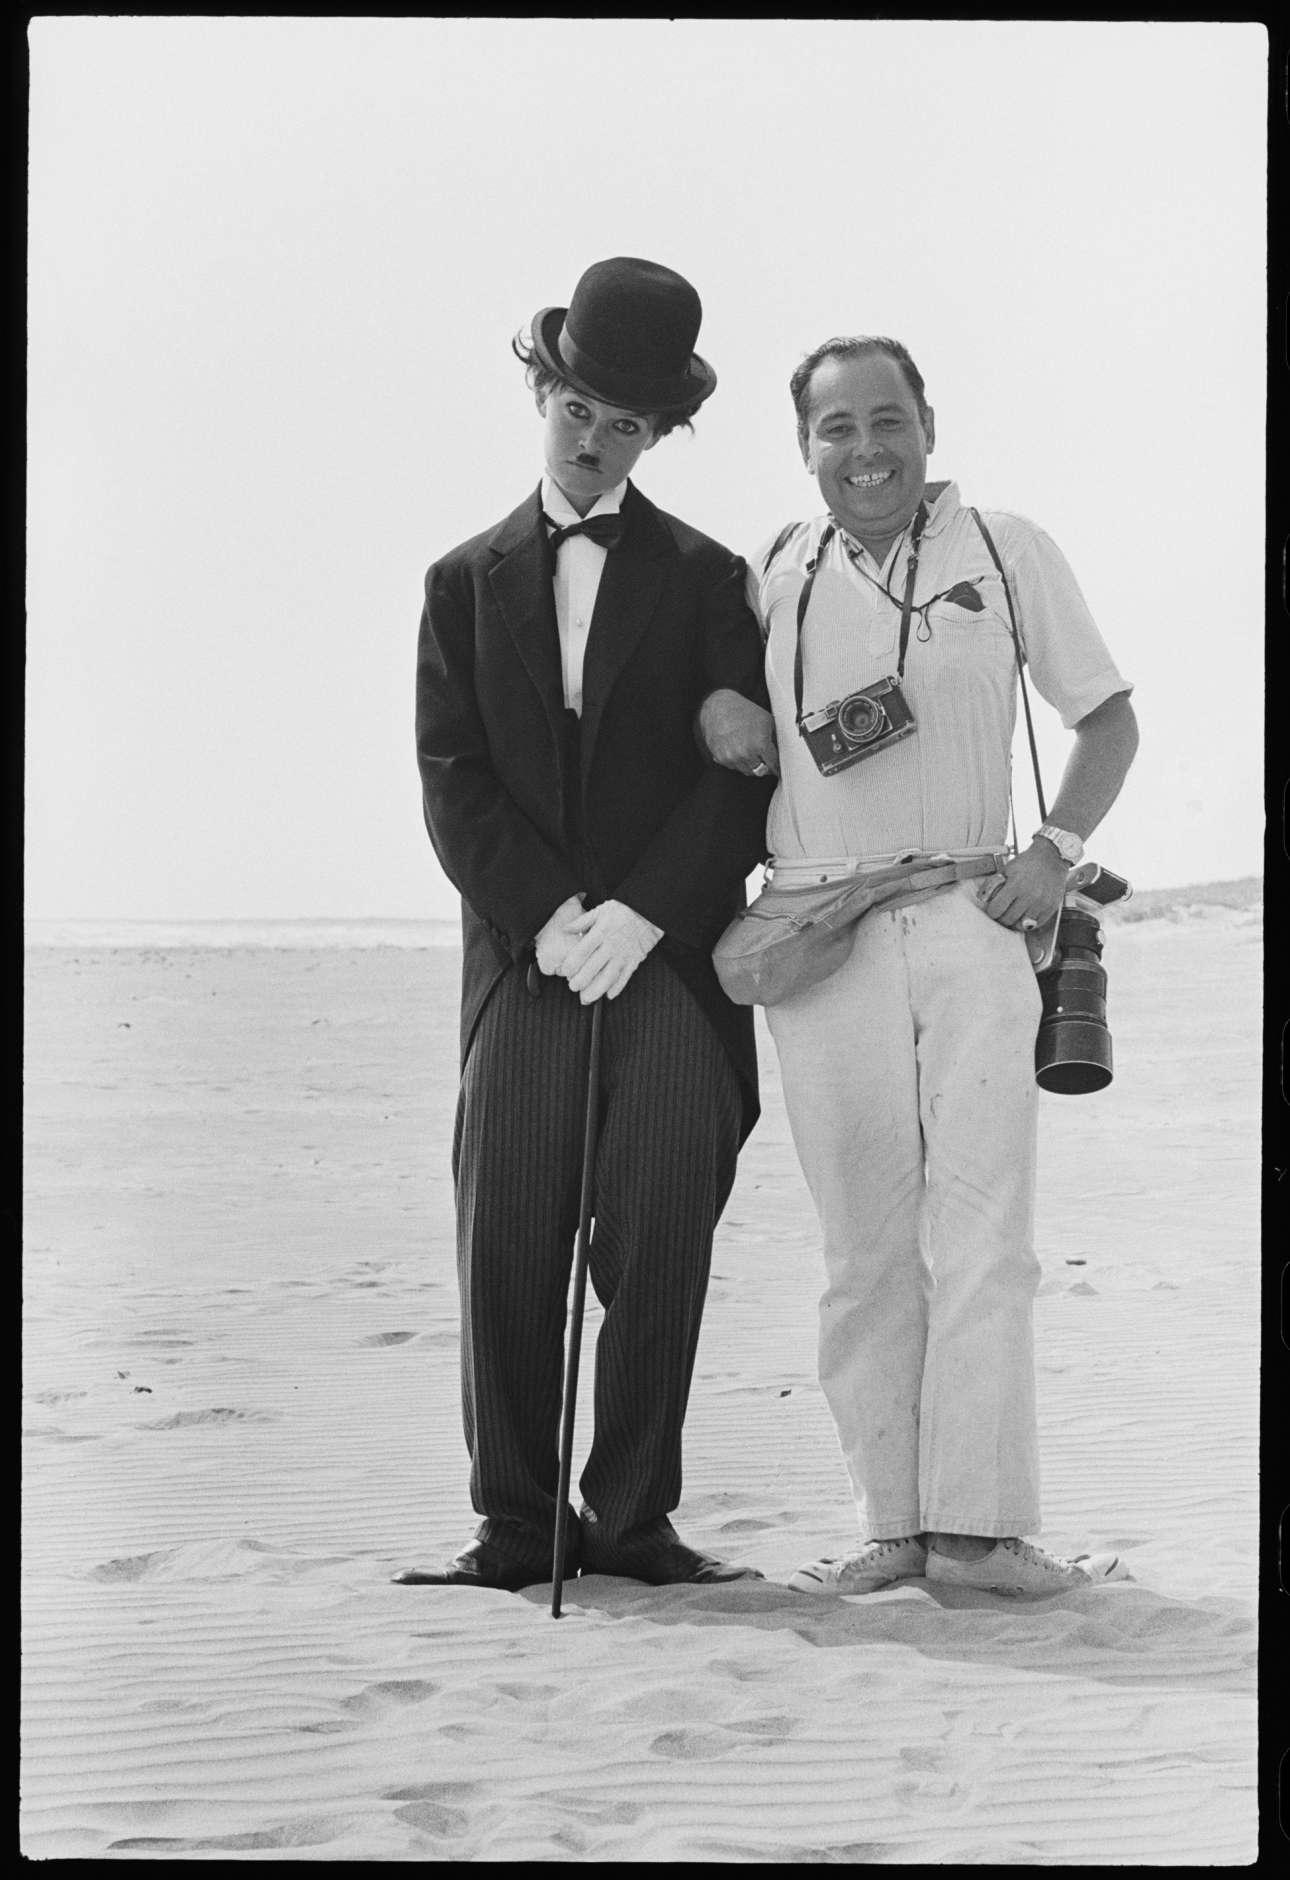 Ο φωτογράφος Ορλάντο Σουέρο ποζάρει περιχαρής δίπλα στο σύμβολο του σεξ Μπριζίτ Μπαρντό που έχει ντυθεί Τσάρλι Τσάπλιν